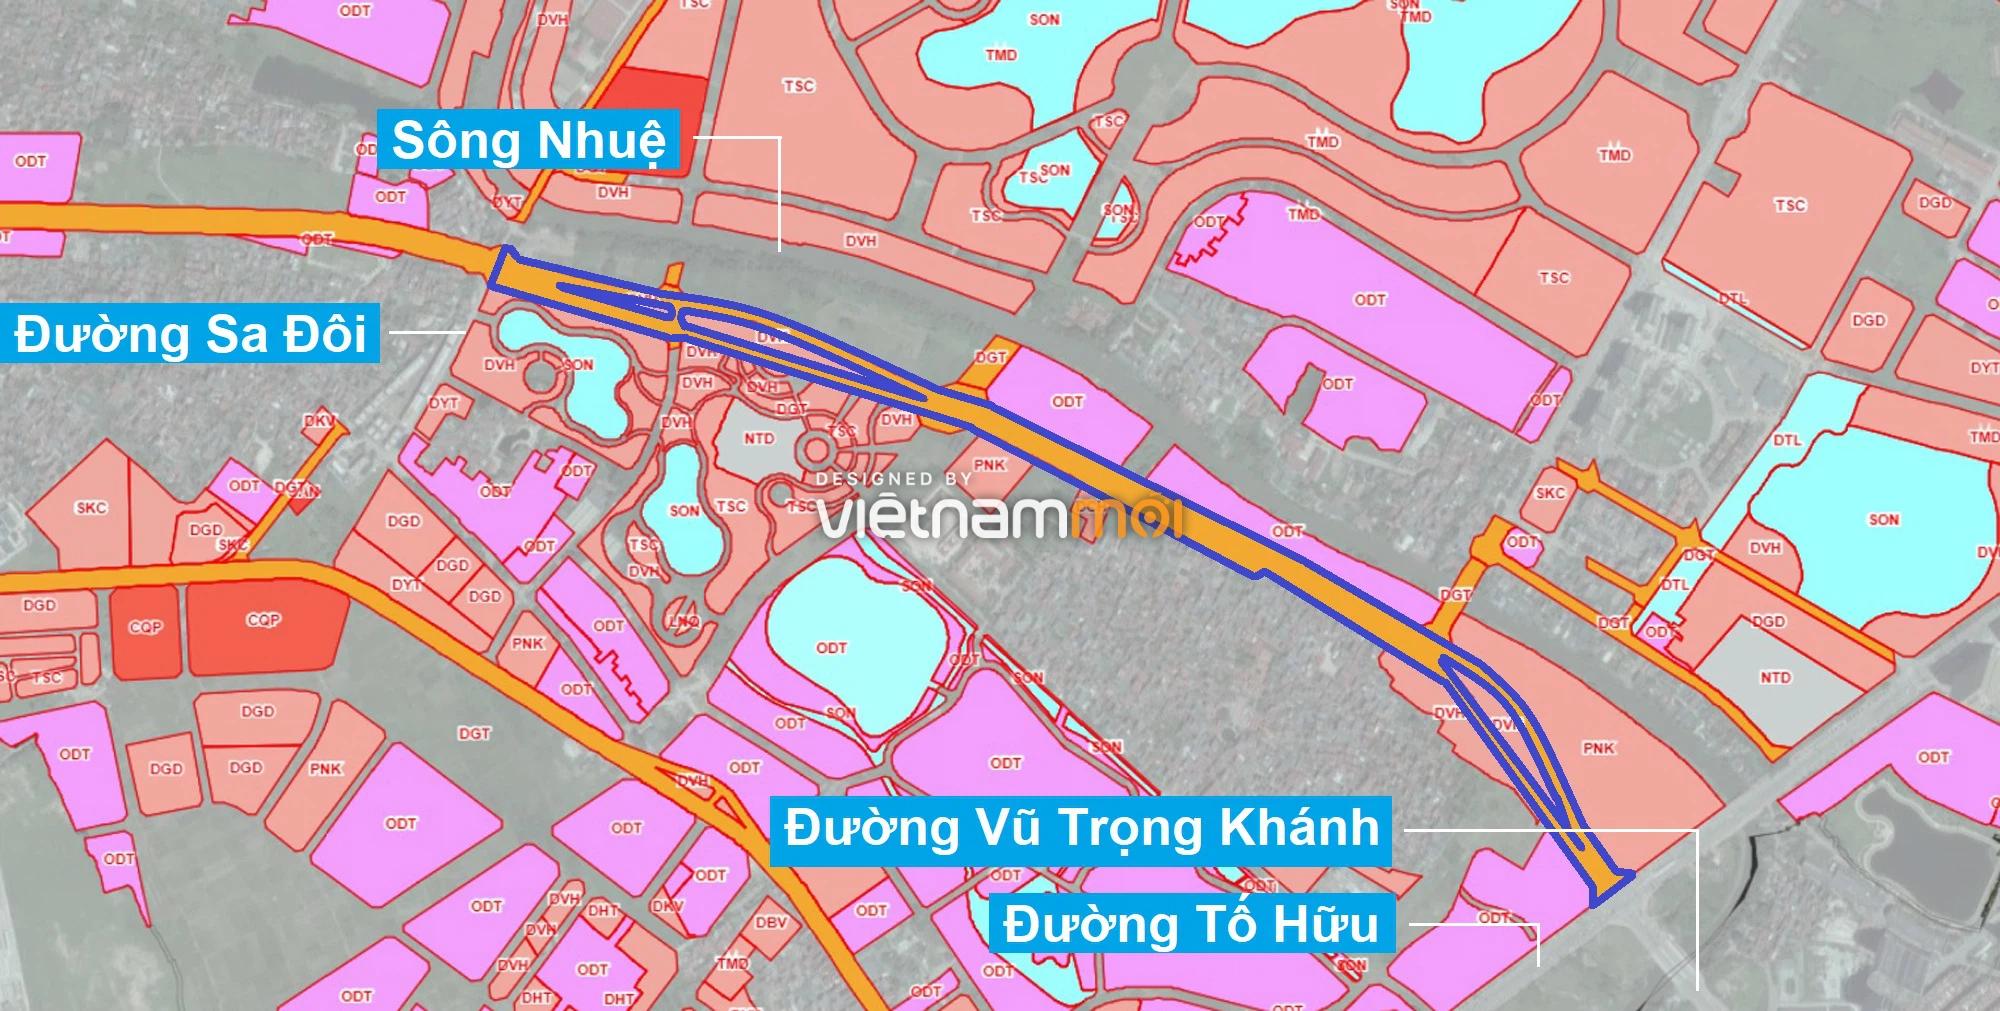 Những khu đất sắp thu hồi để mở đường ở phường Đại Mỗ, Nam Từ Liêm, Hà Nội (phần 2) - Ảnh 1.